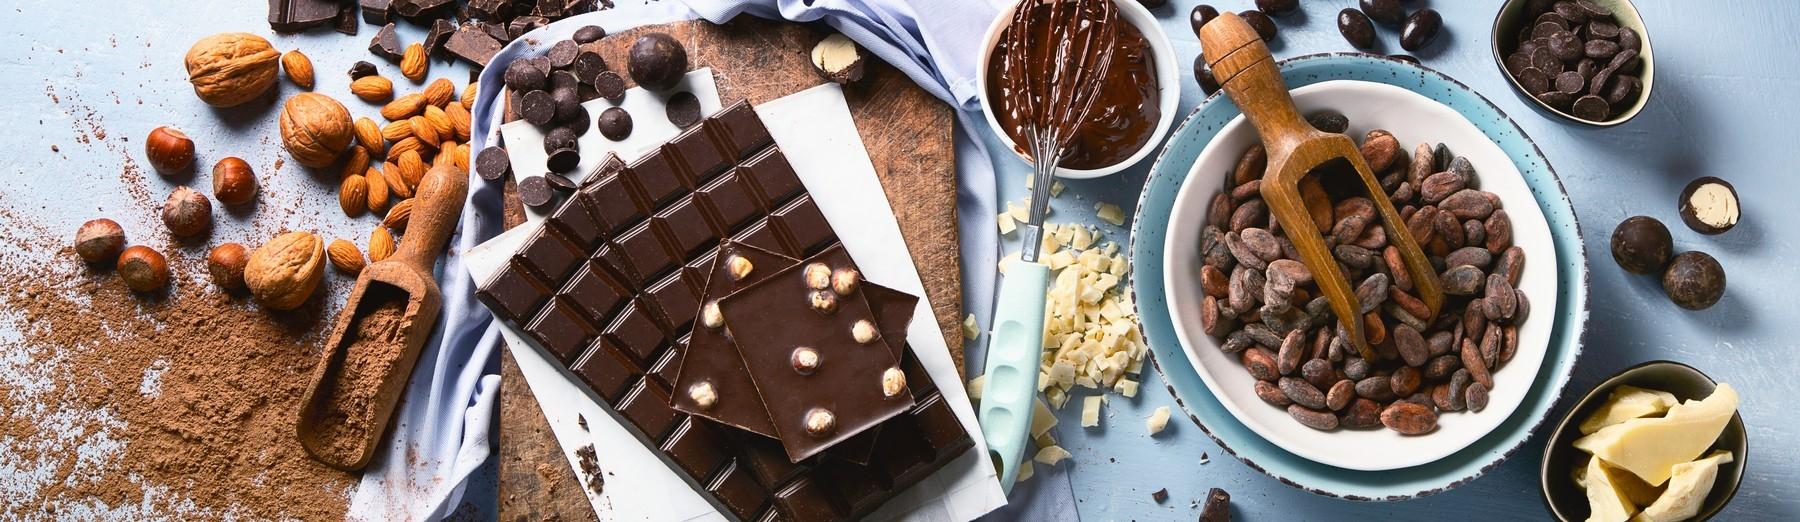 Konzumácia čokolády, predovšetkým horkej, pomáha predchádzať depresiám. Foto: Profimedia